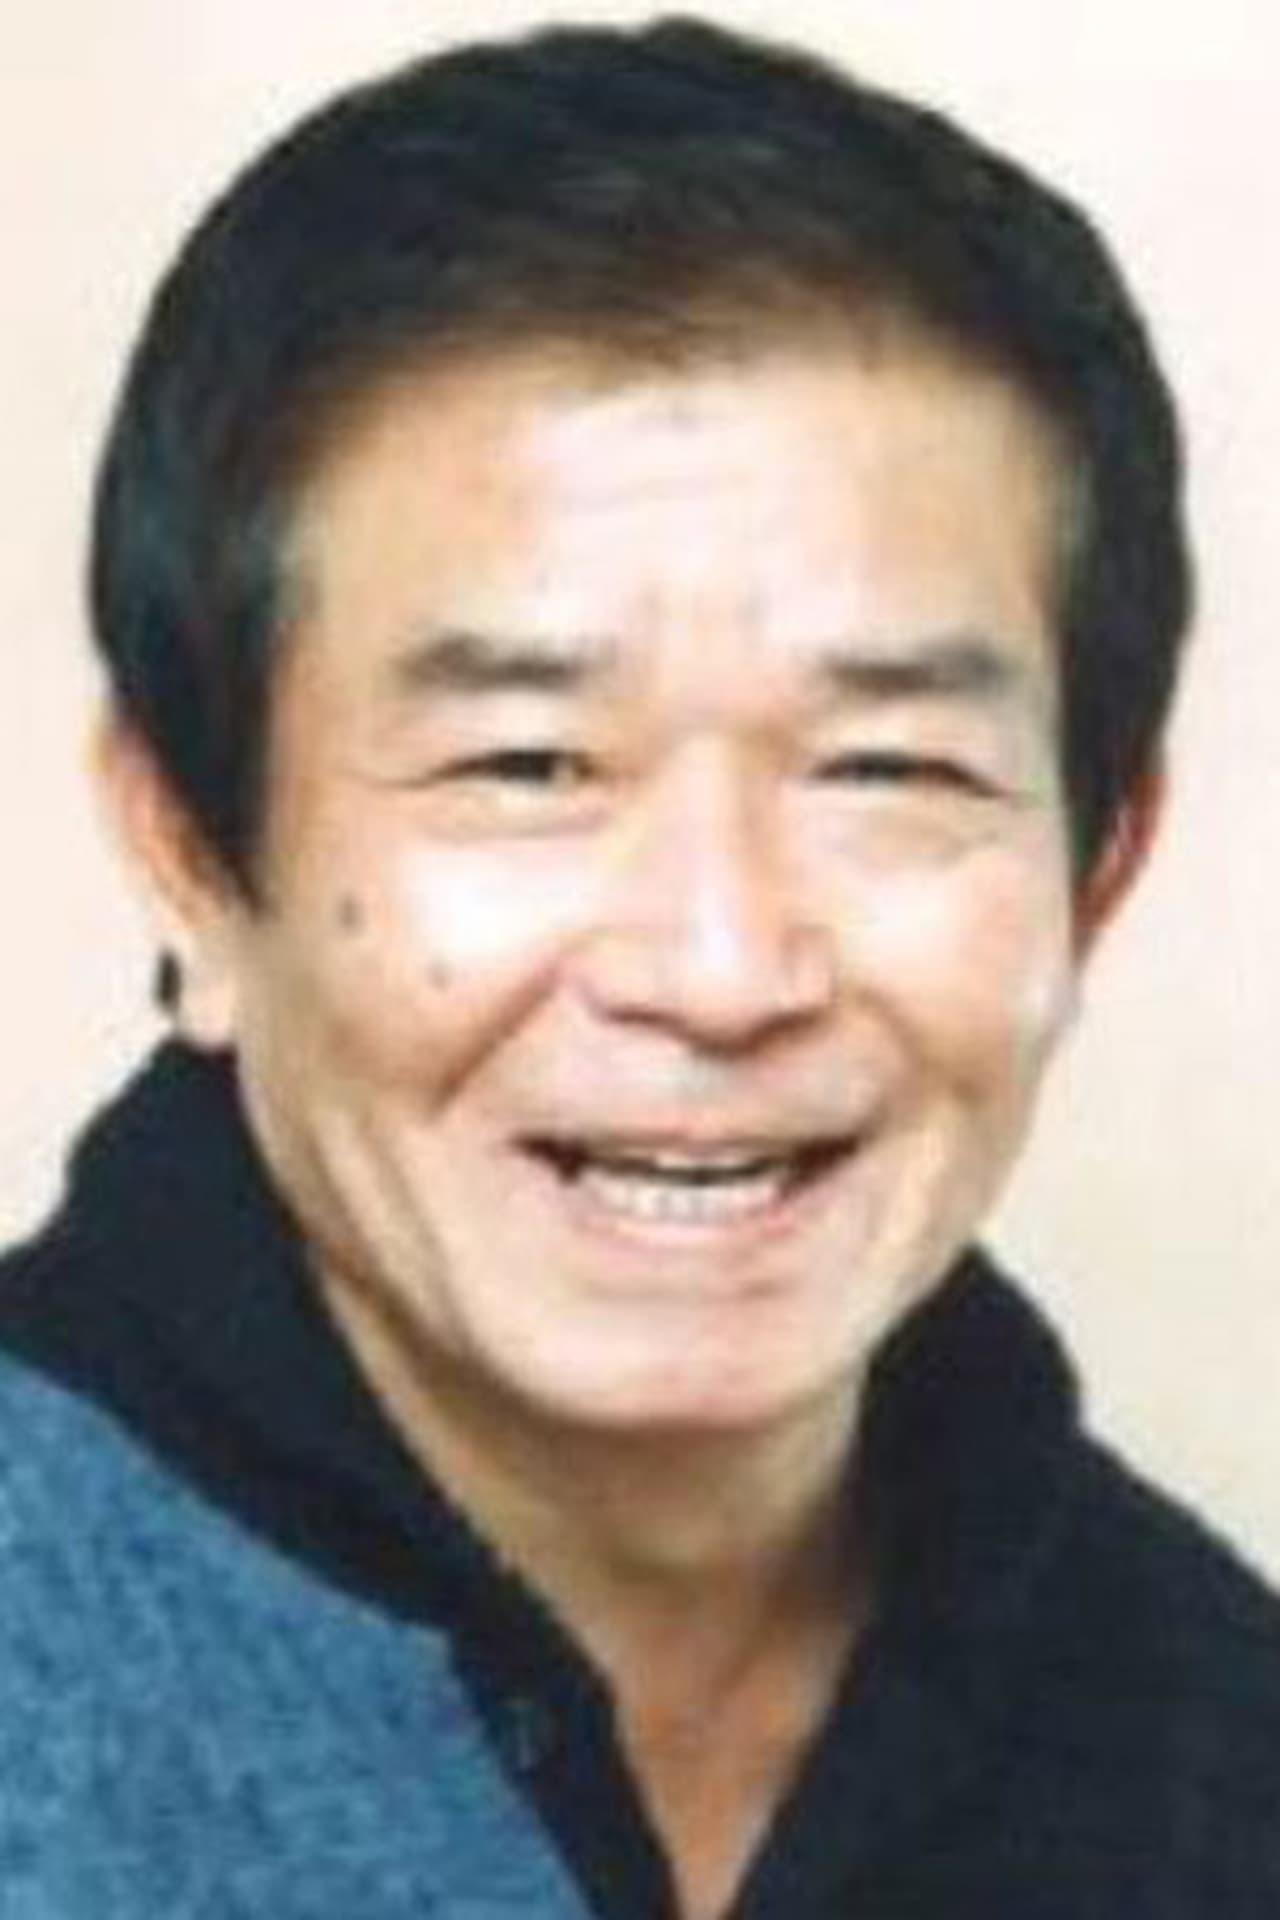 Hiroya Ishimaru